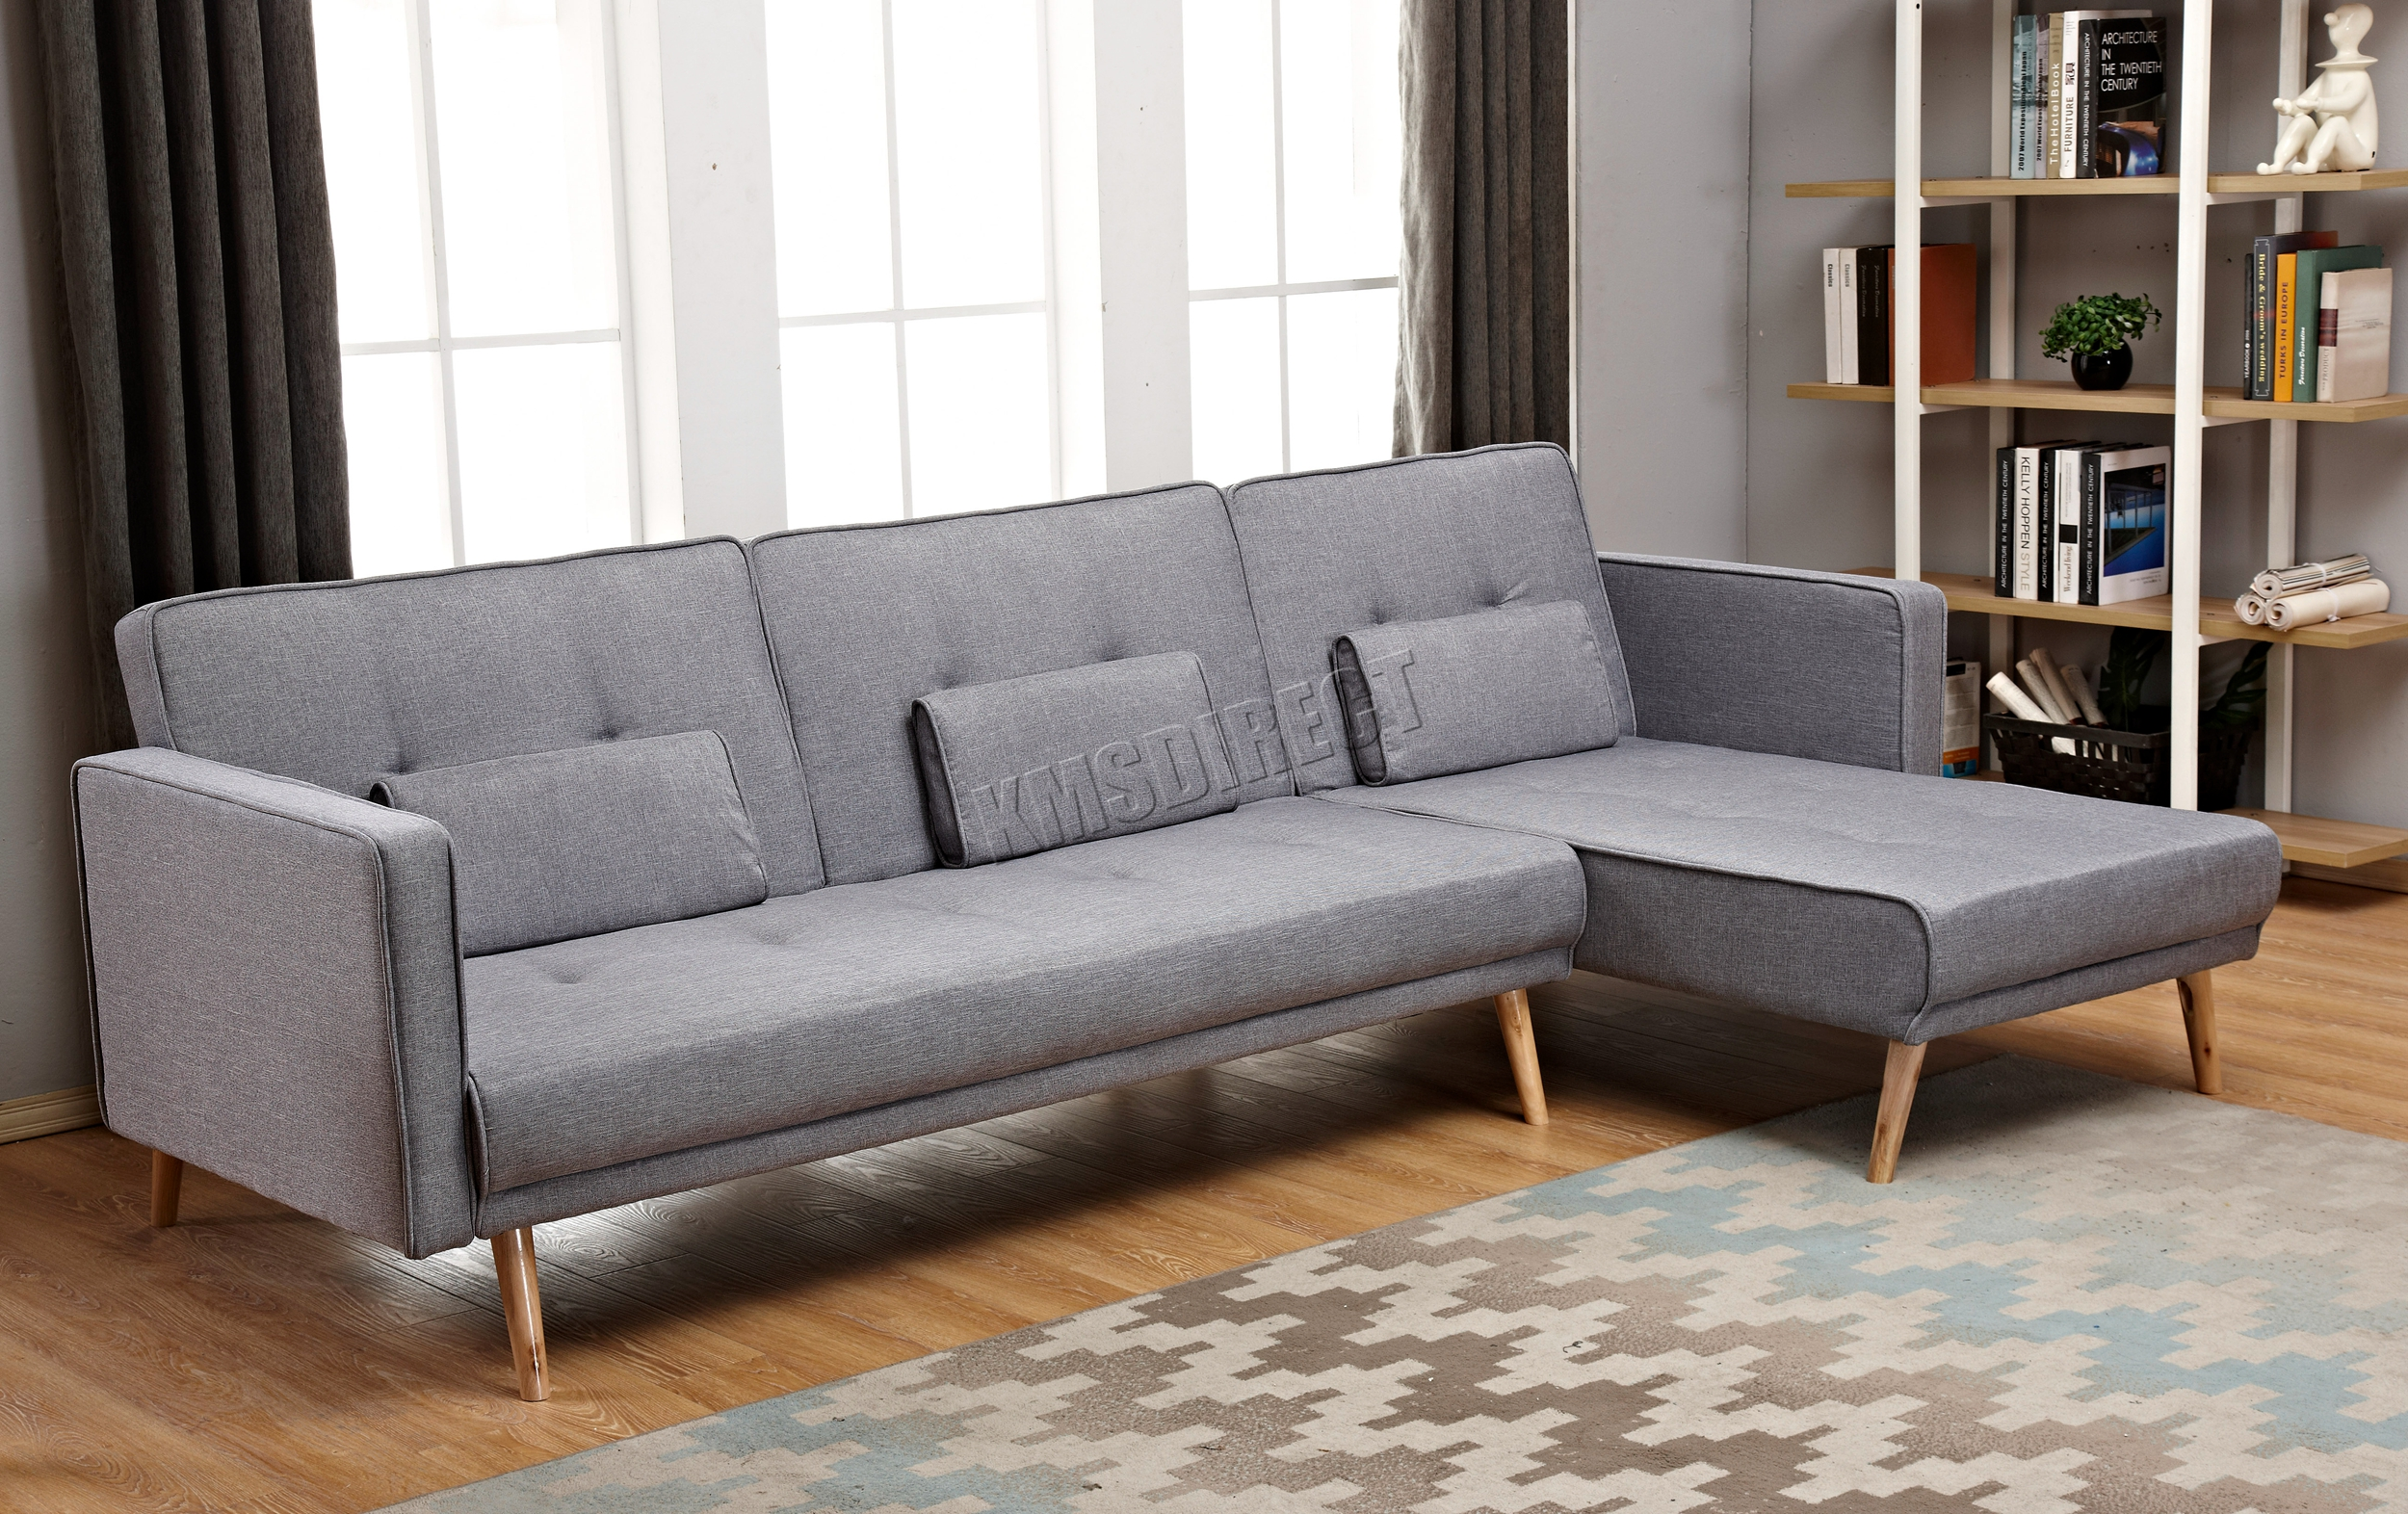 Westwood de lujo forma de l tela sof cama esquina sof 3 4 asientos fsb05 home ebay - Sofa cama esquina ...